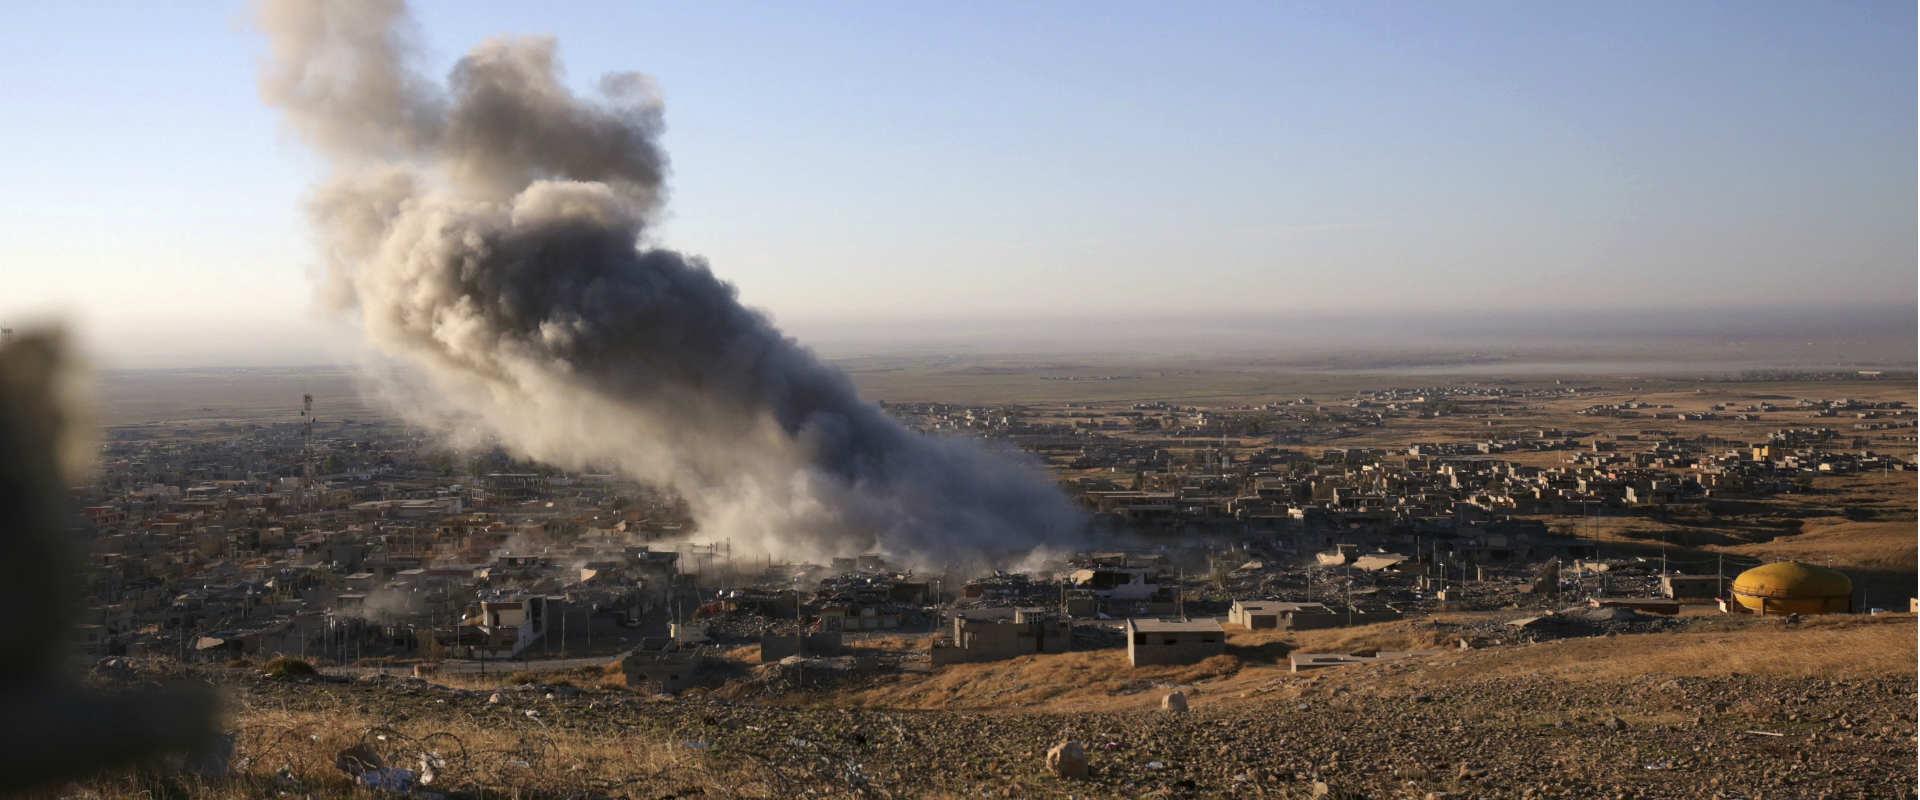 עשן מיתמר מעל העיר סינג'אר, עיראק, כחלק מהלחימה בא